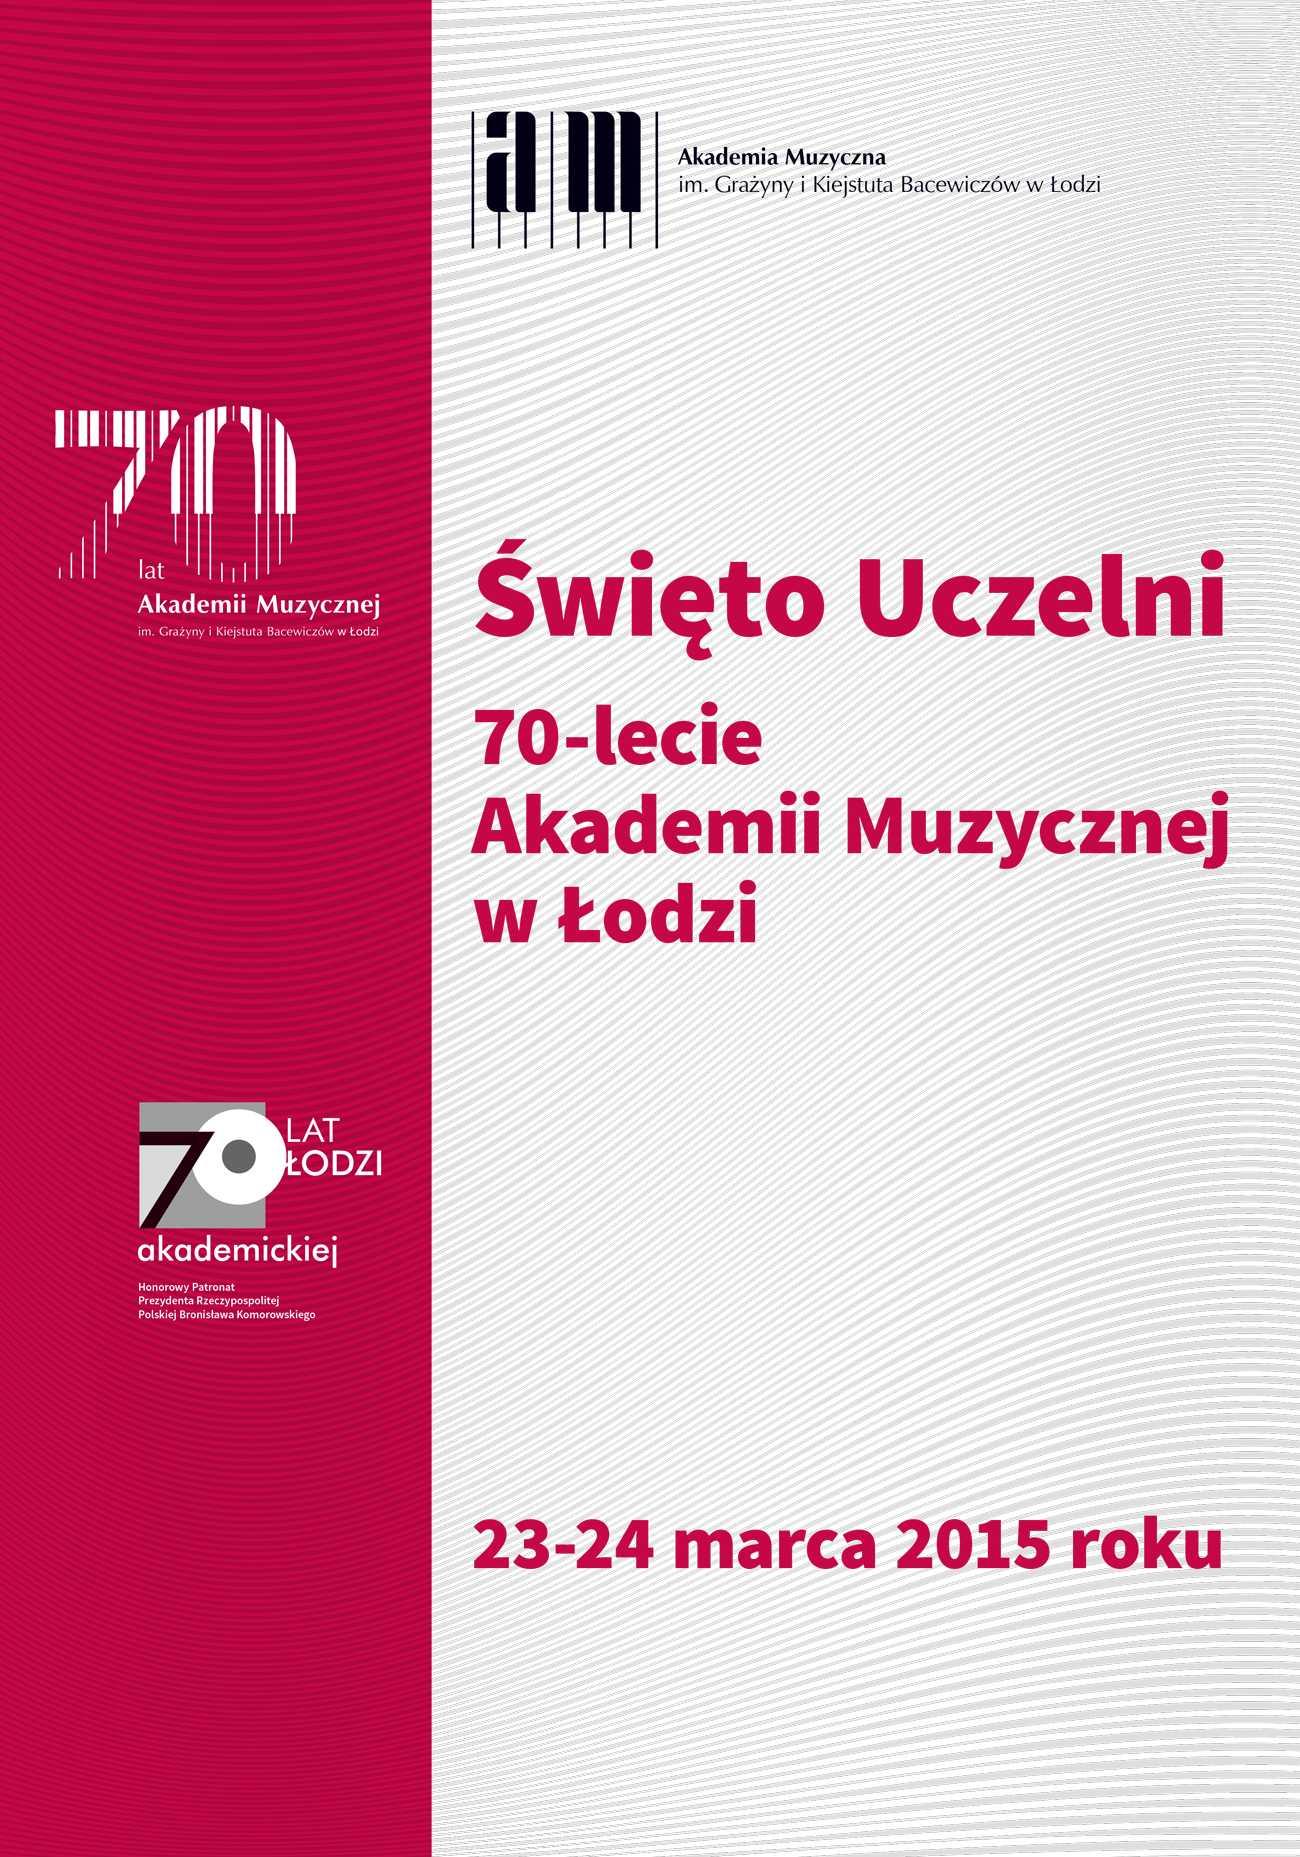 swieto_uczelni2